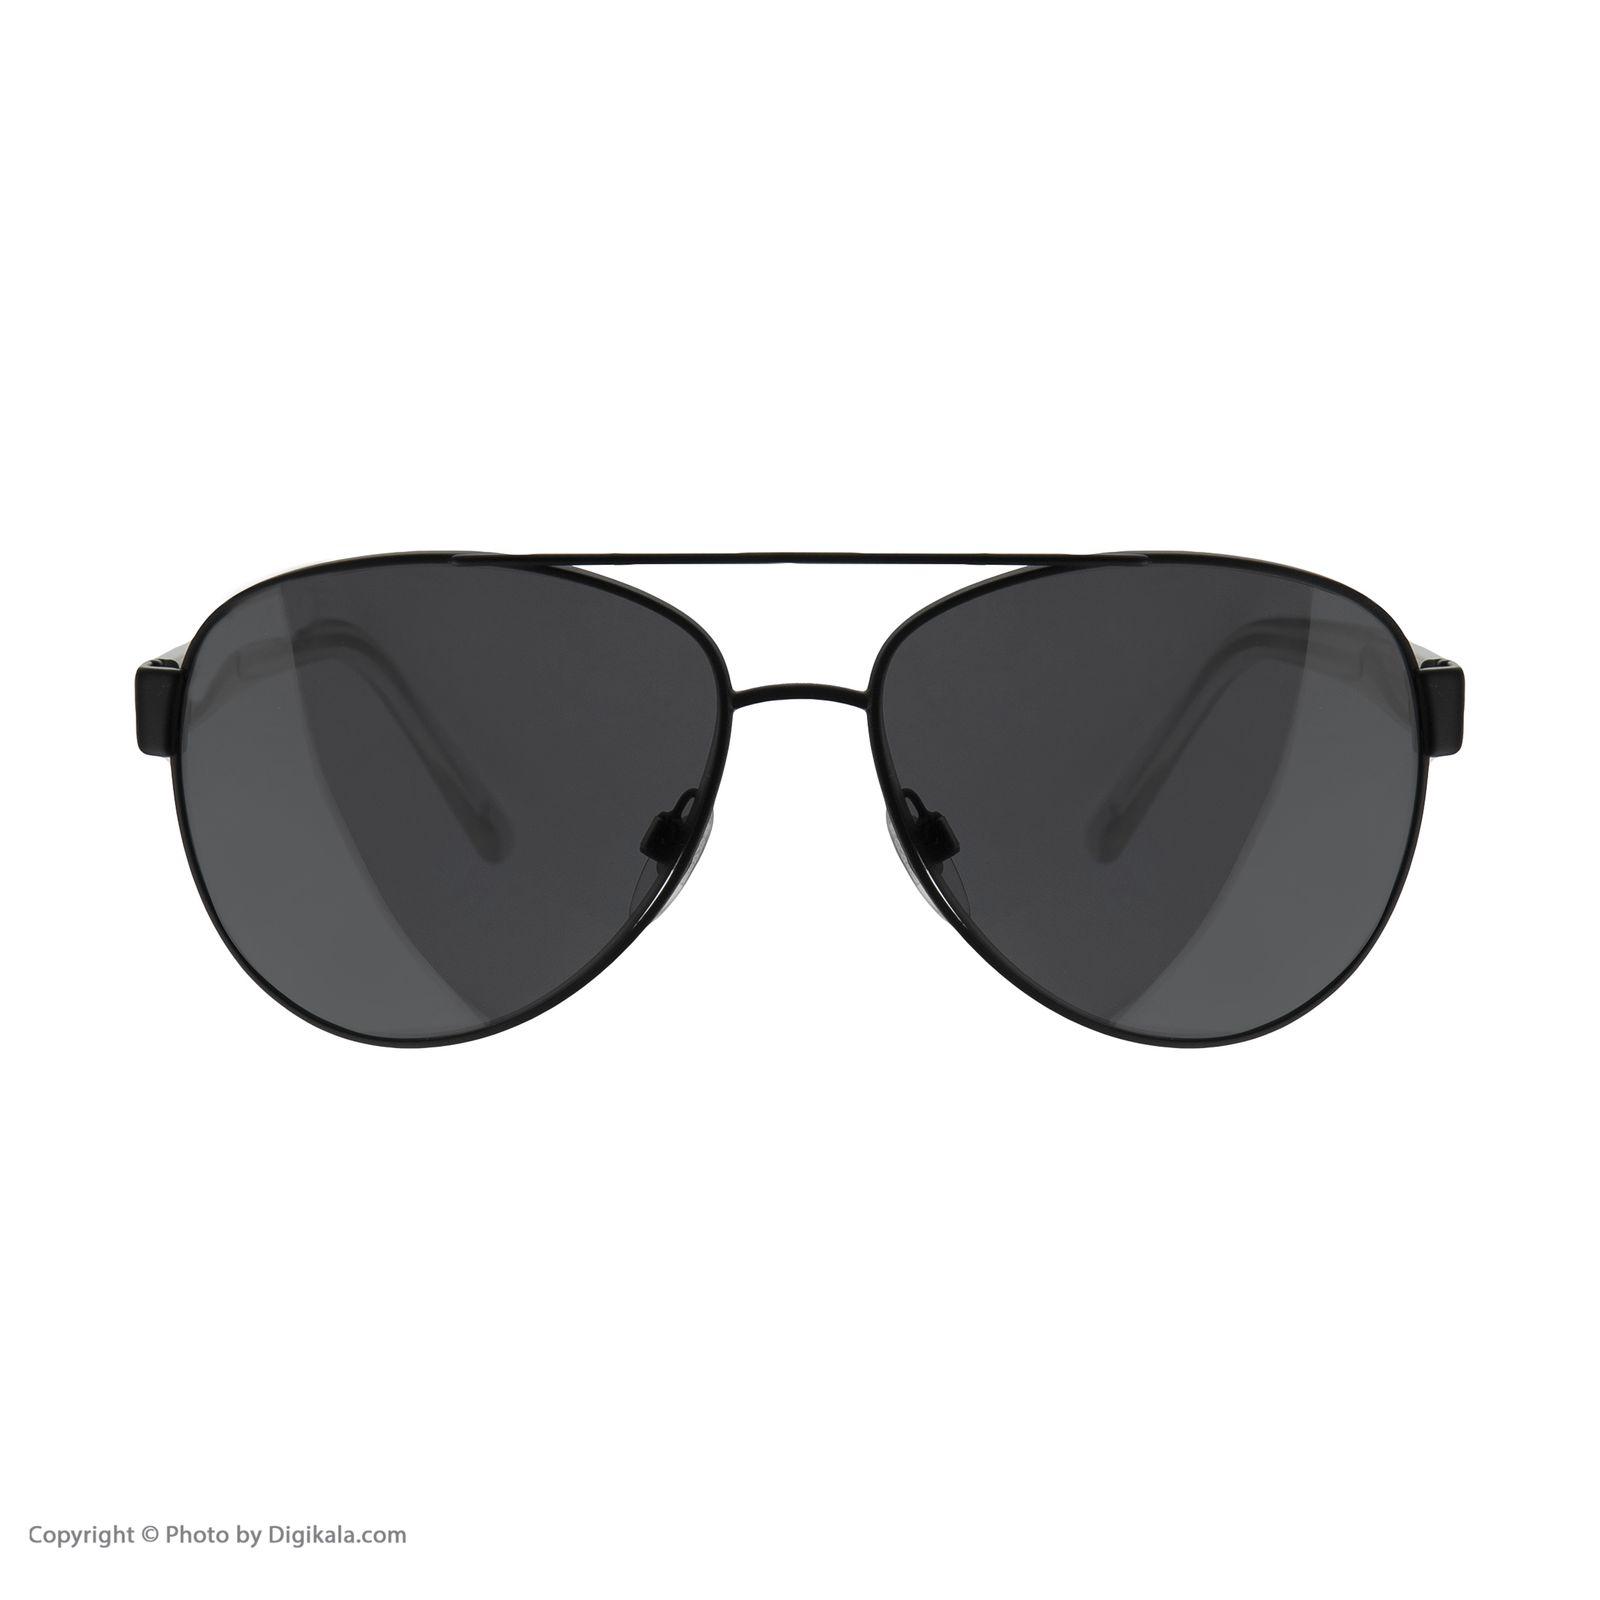 عینک آفتابی زنانه بربری مدل BE 3084S 122887 60 -  - 3